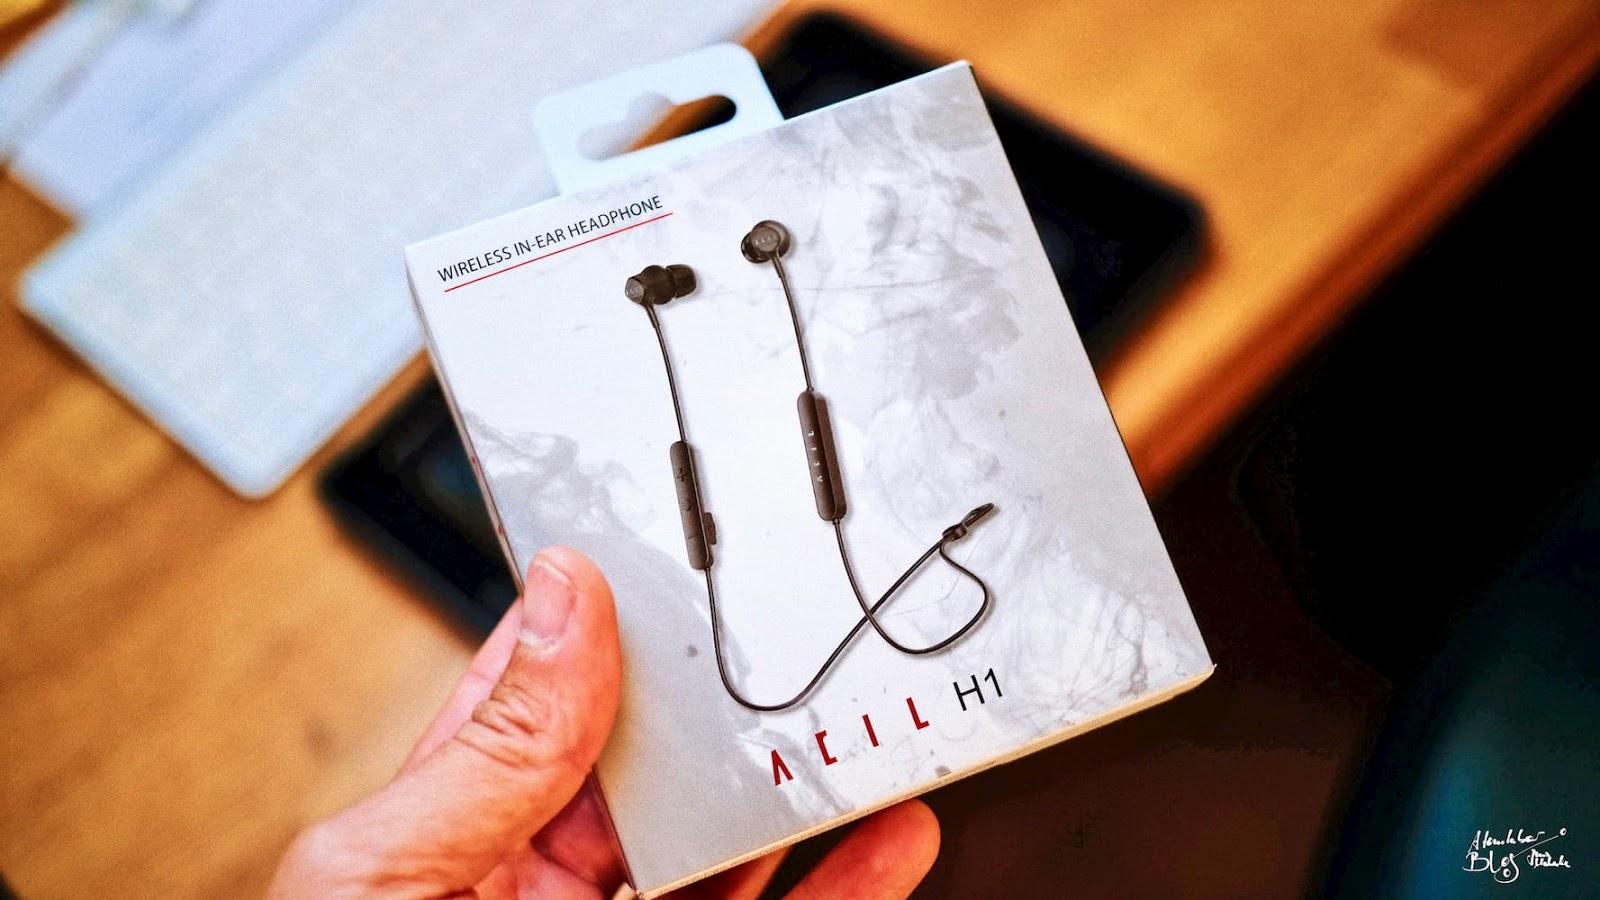 ACIL H1 Bluetooth Kopfhörer aus China kommen mit einem geringen Preis und guter Leistung